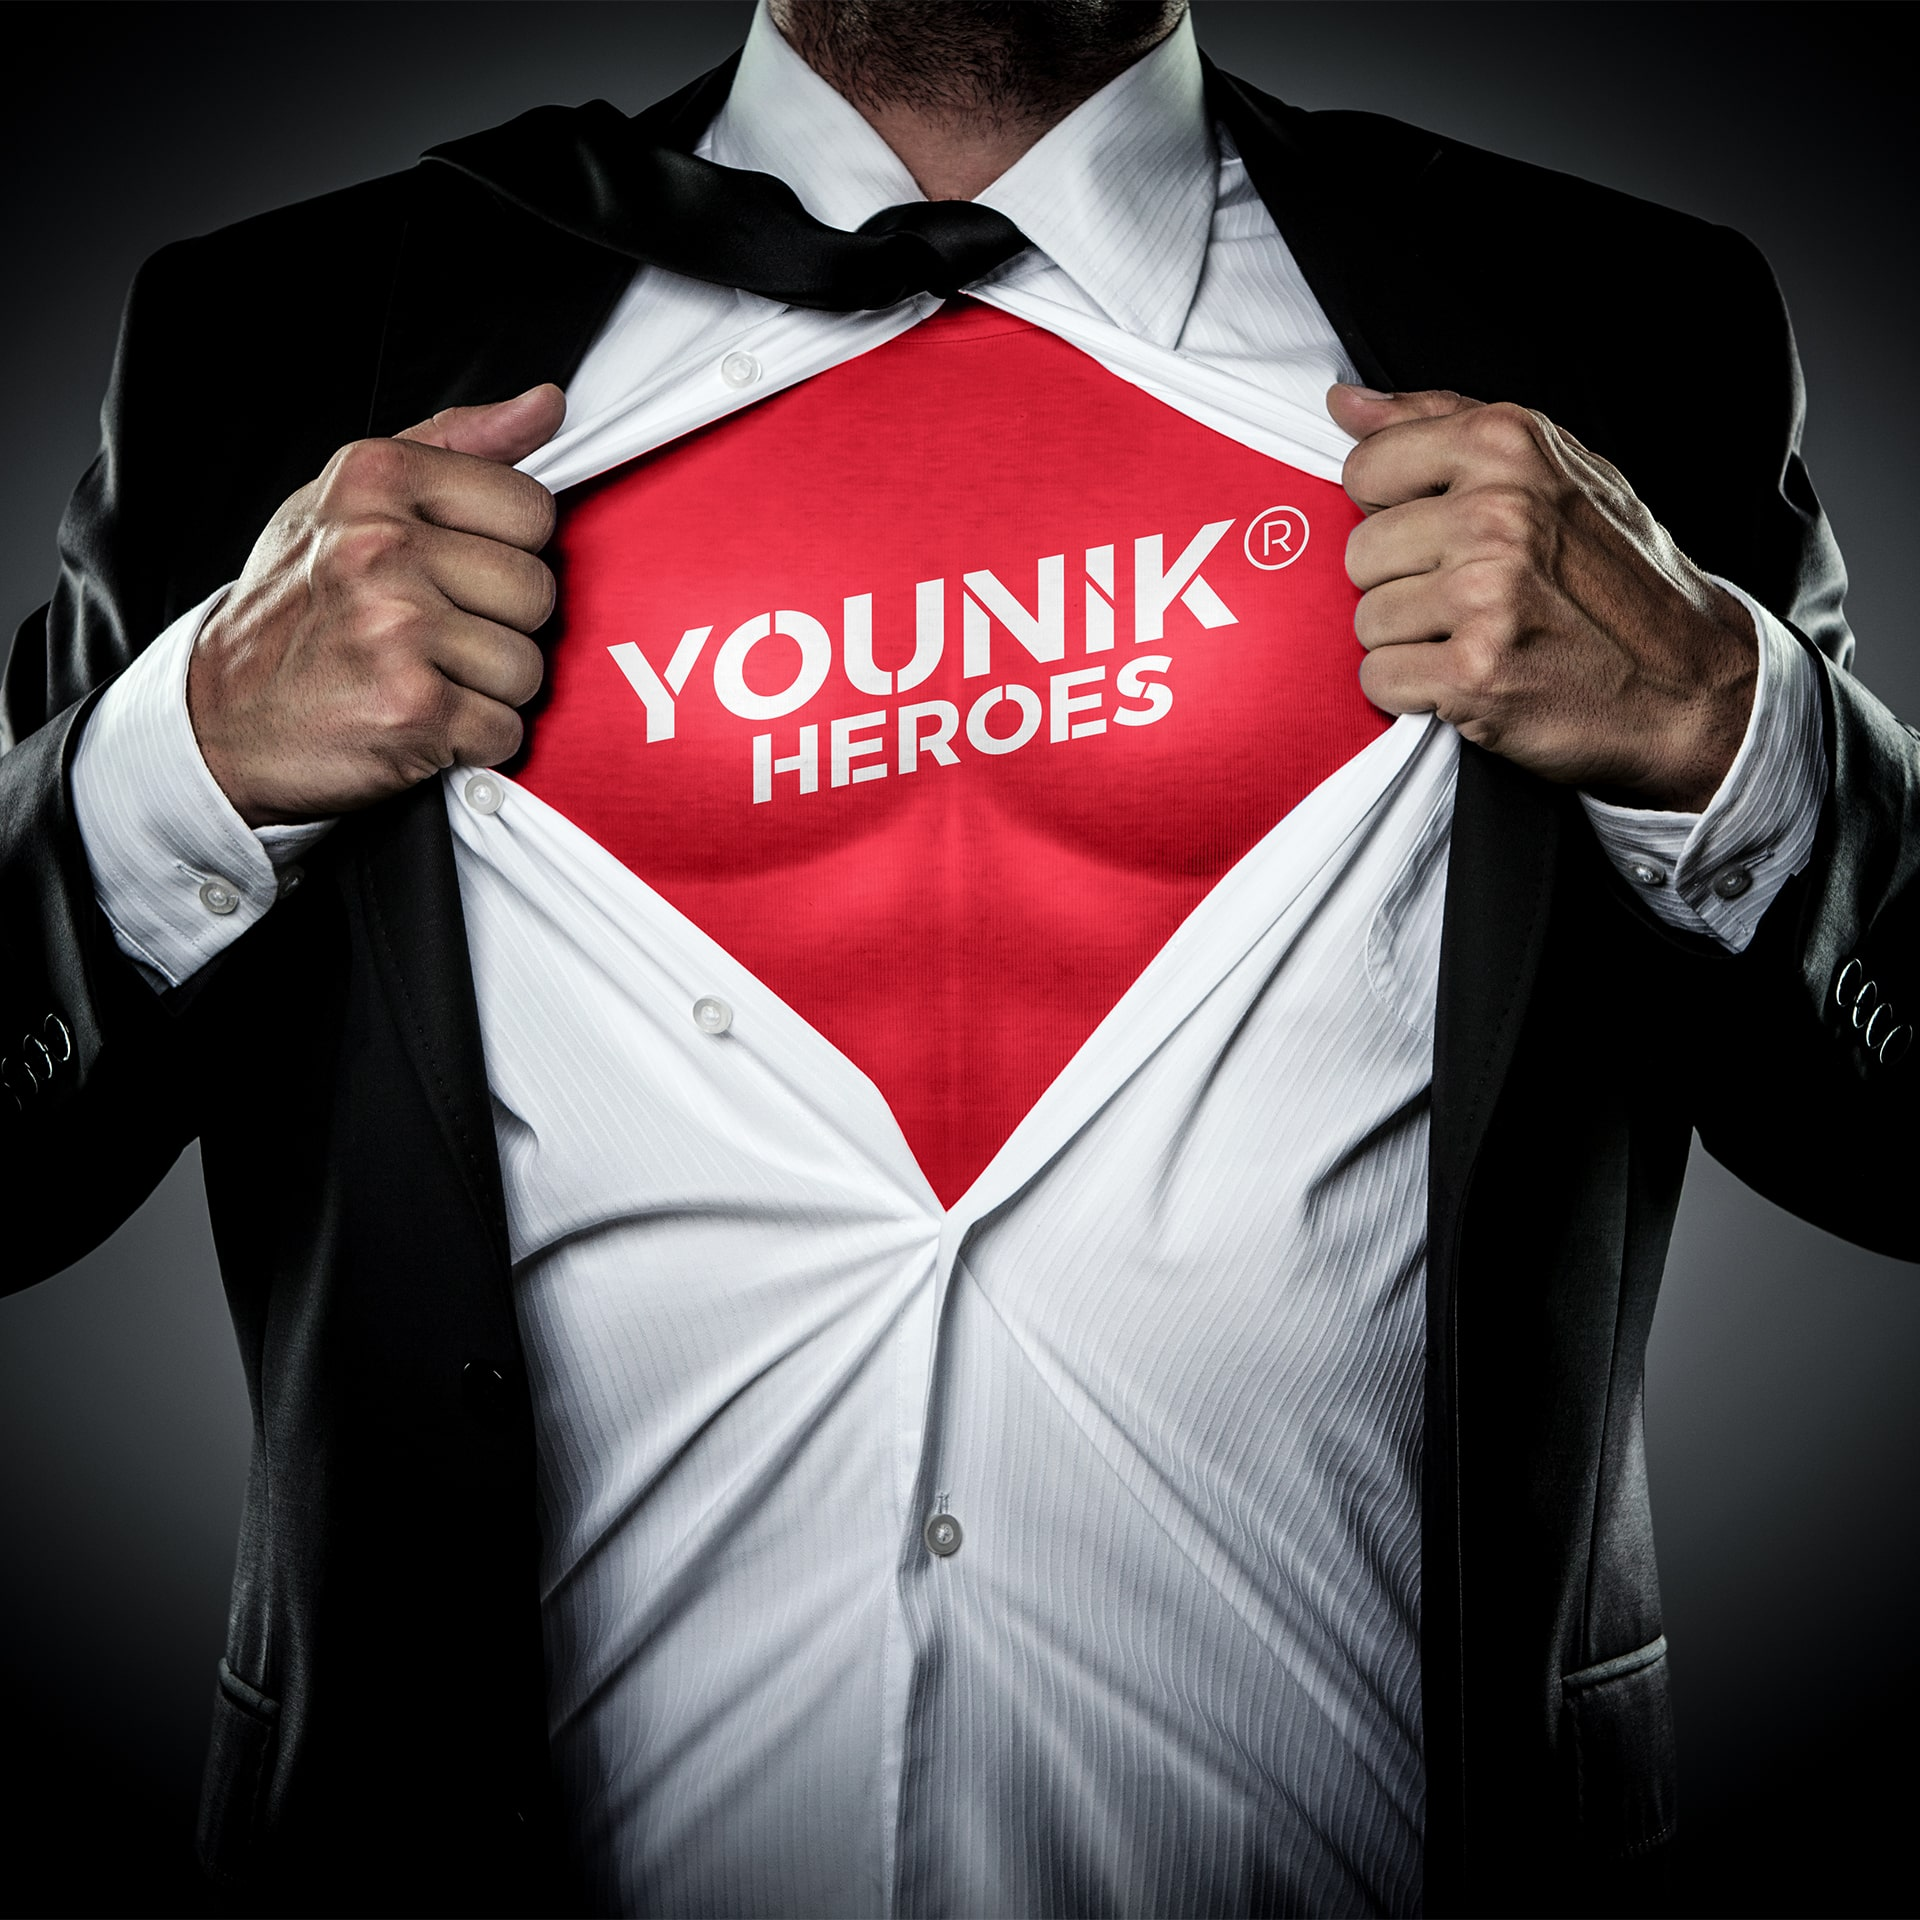 Comunicado Younik Heroes